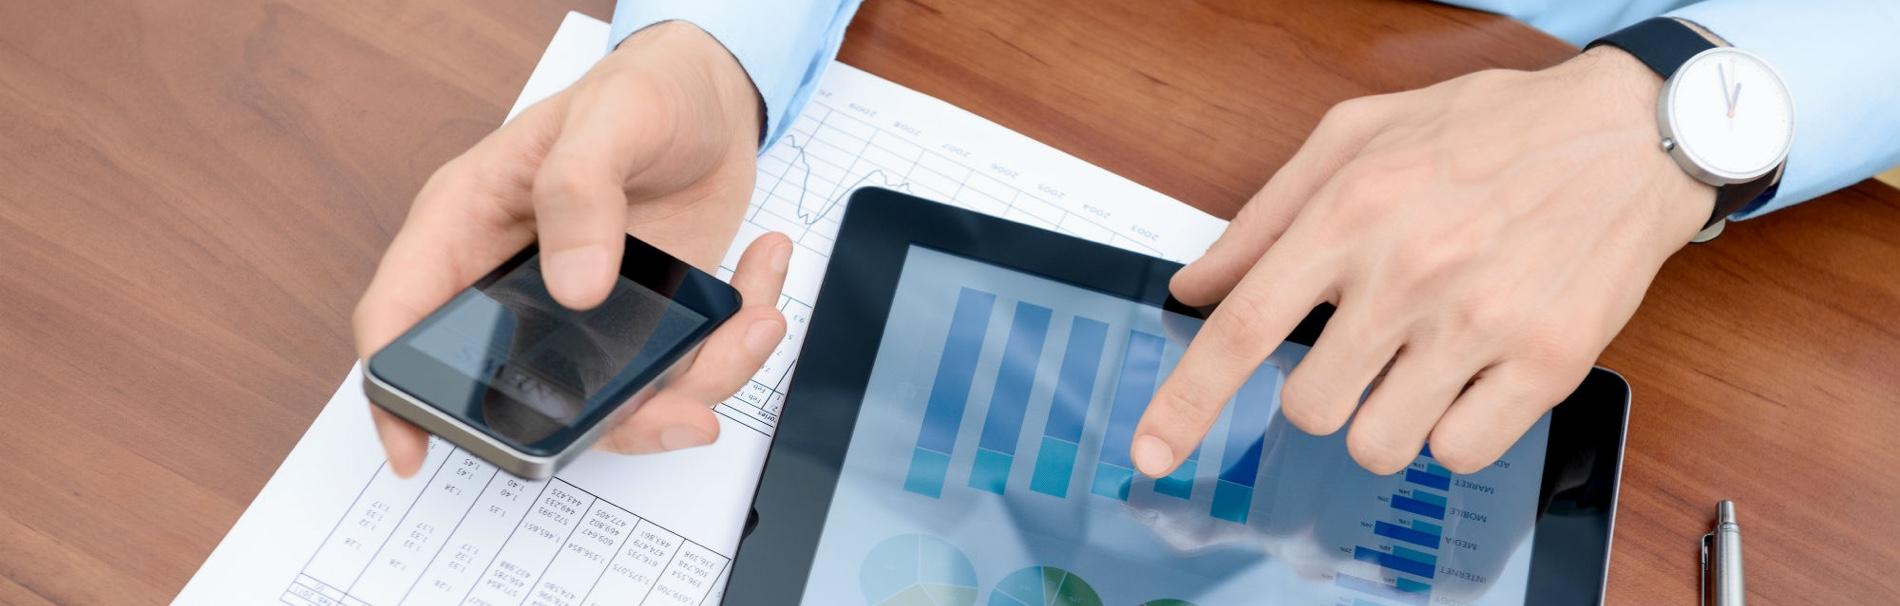 數據驅動增長 | DPG